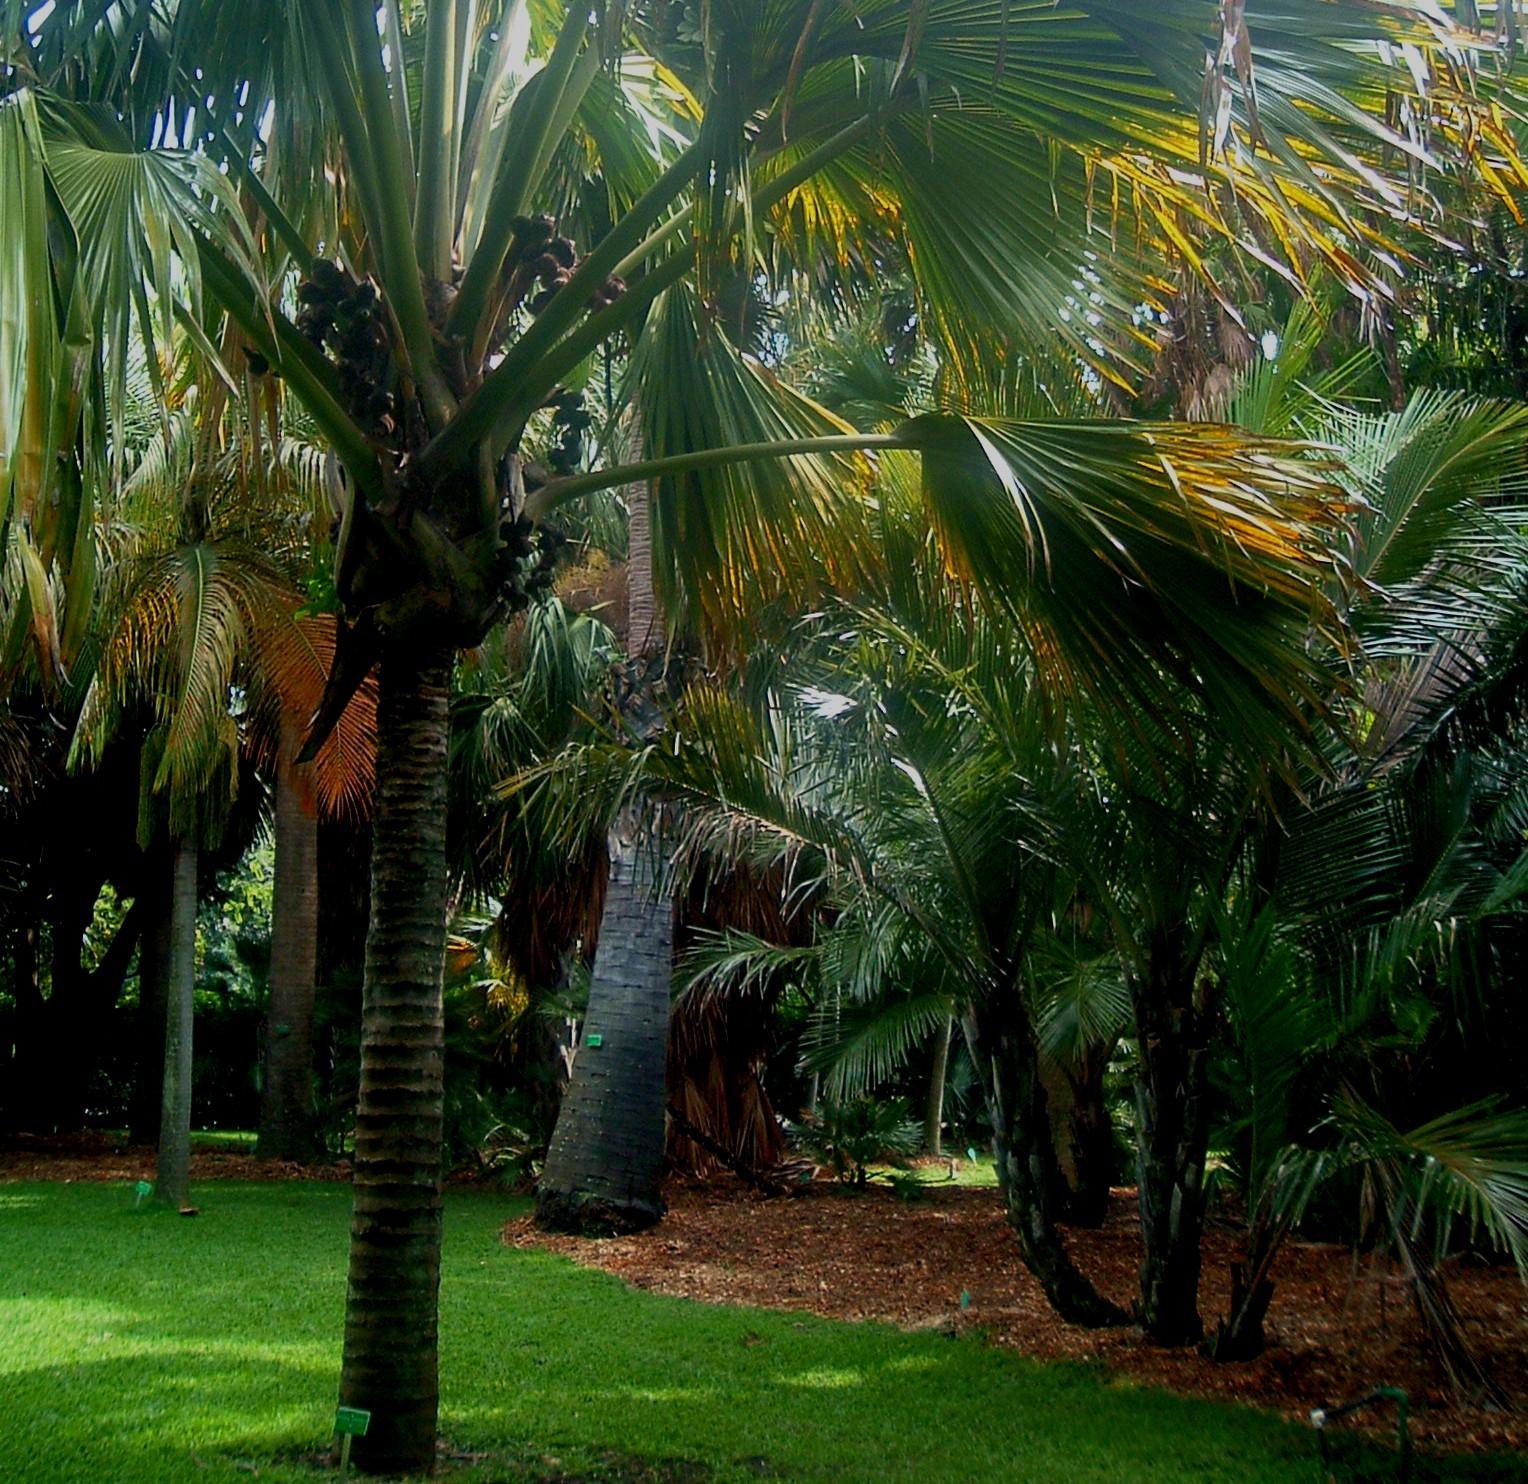 foster botanical garden palms 1-31-05.JPG